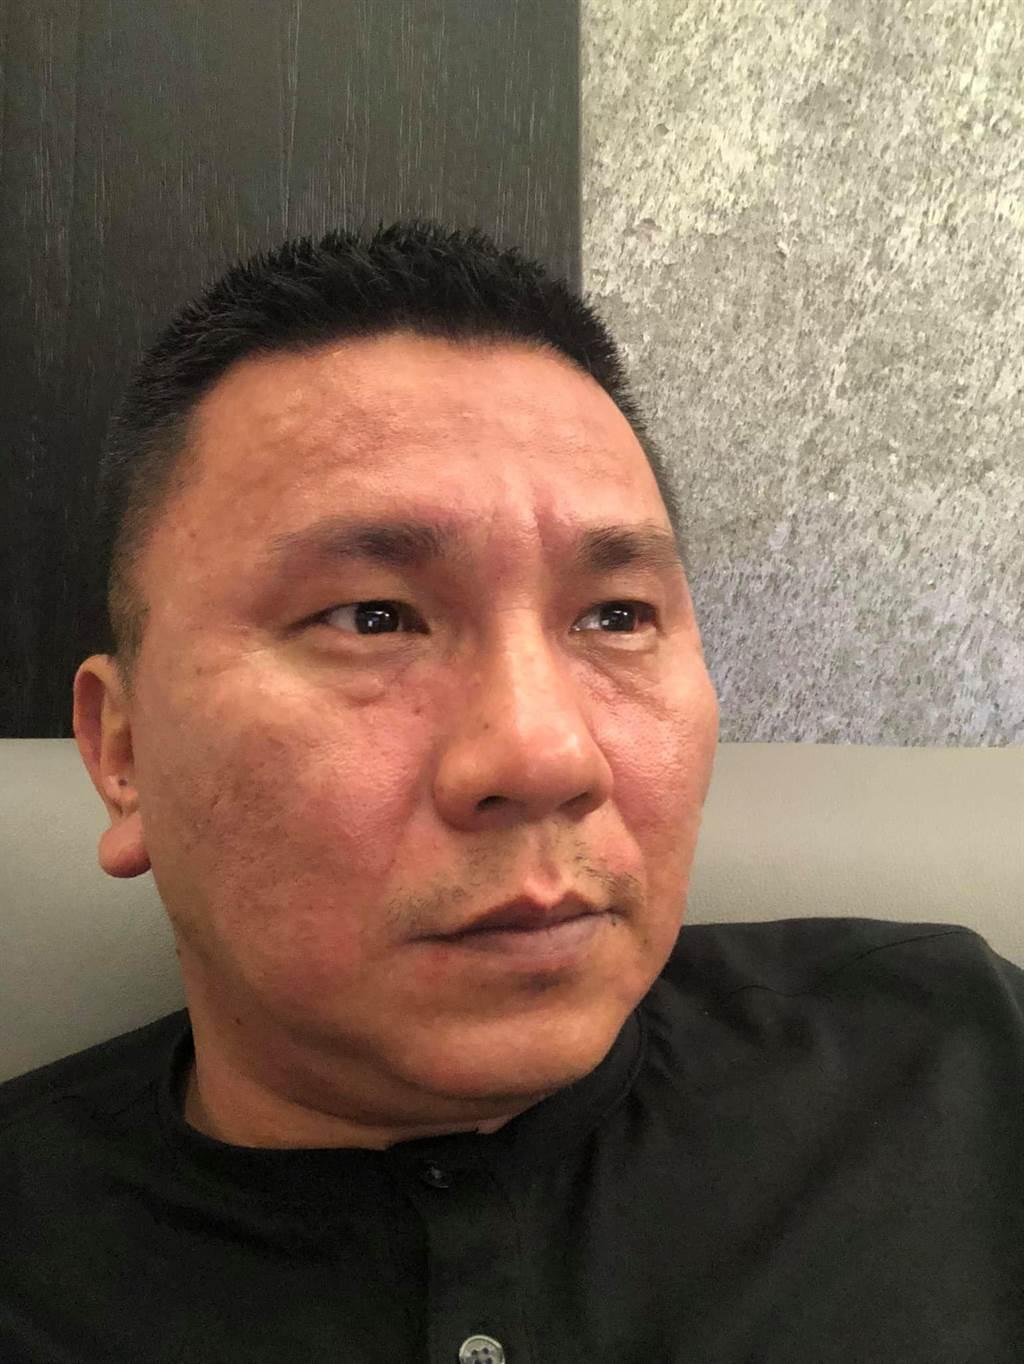 彰化縣議員陳一惇日前在臉書PO出自己臉又紅又腫的照片,表示蝦子下肚後不到10分鐘就變這樣,又快又急,時不時這樣讓他相當困擾。(陳一惇提供/吳建輝彰化傳真)